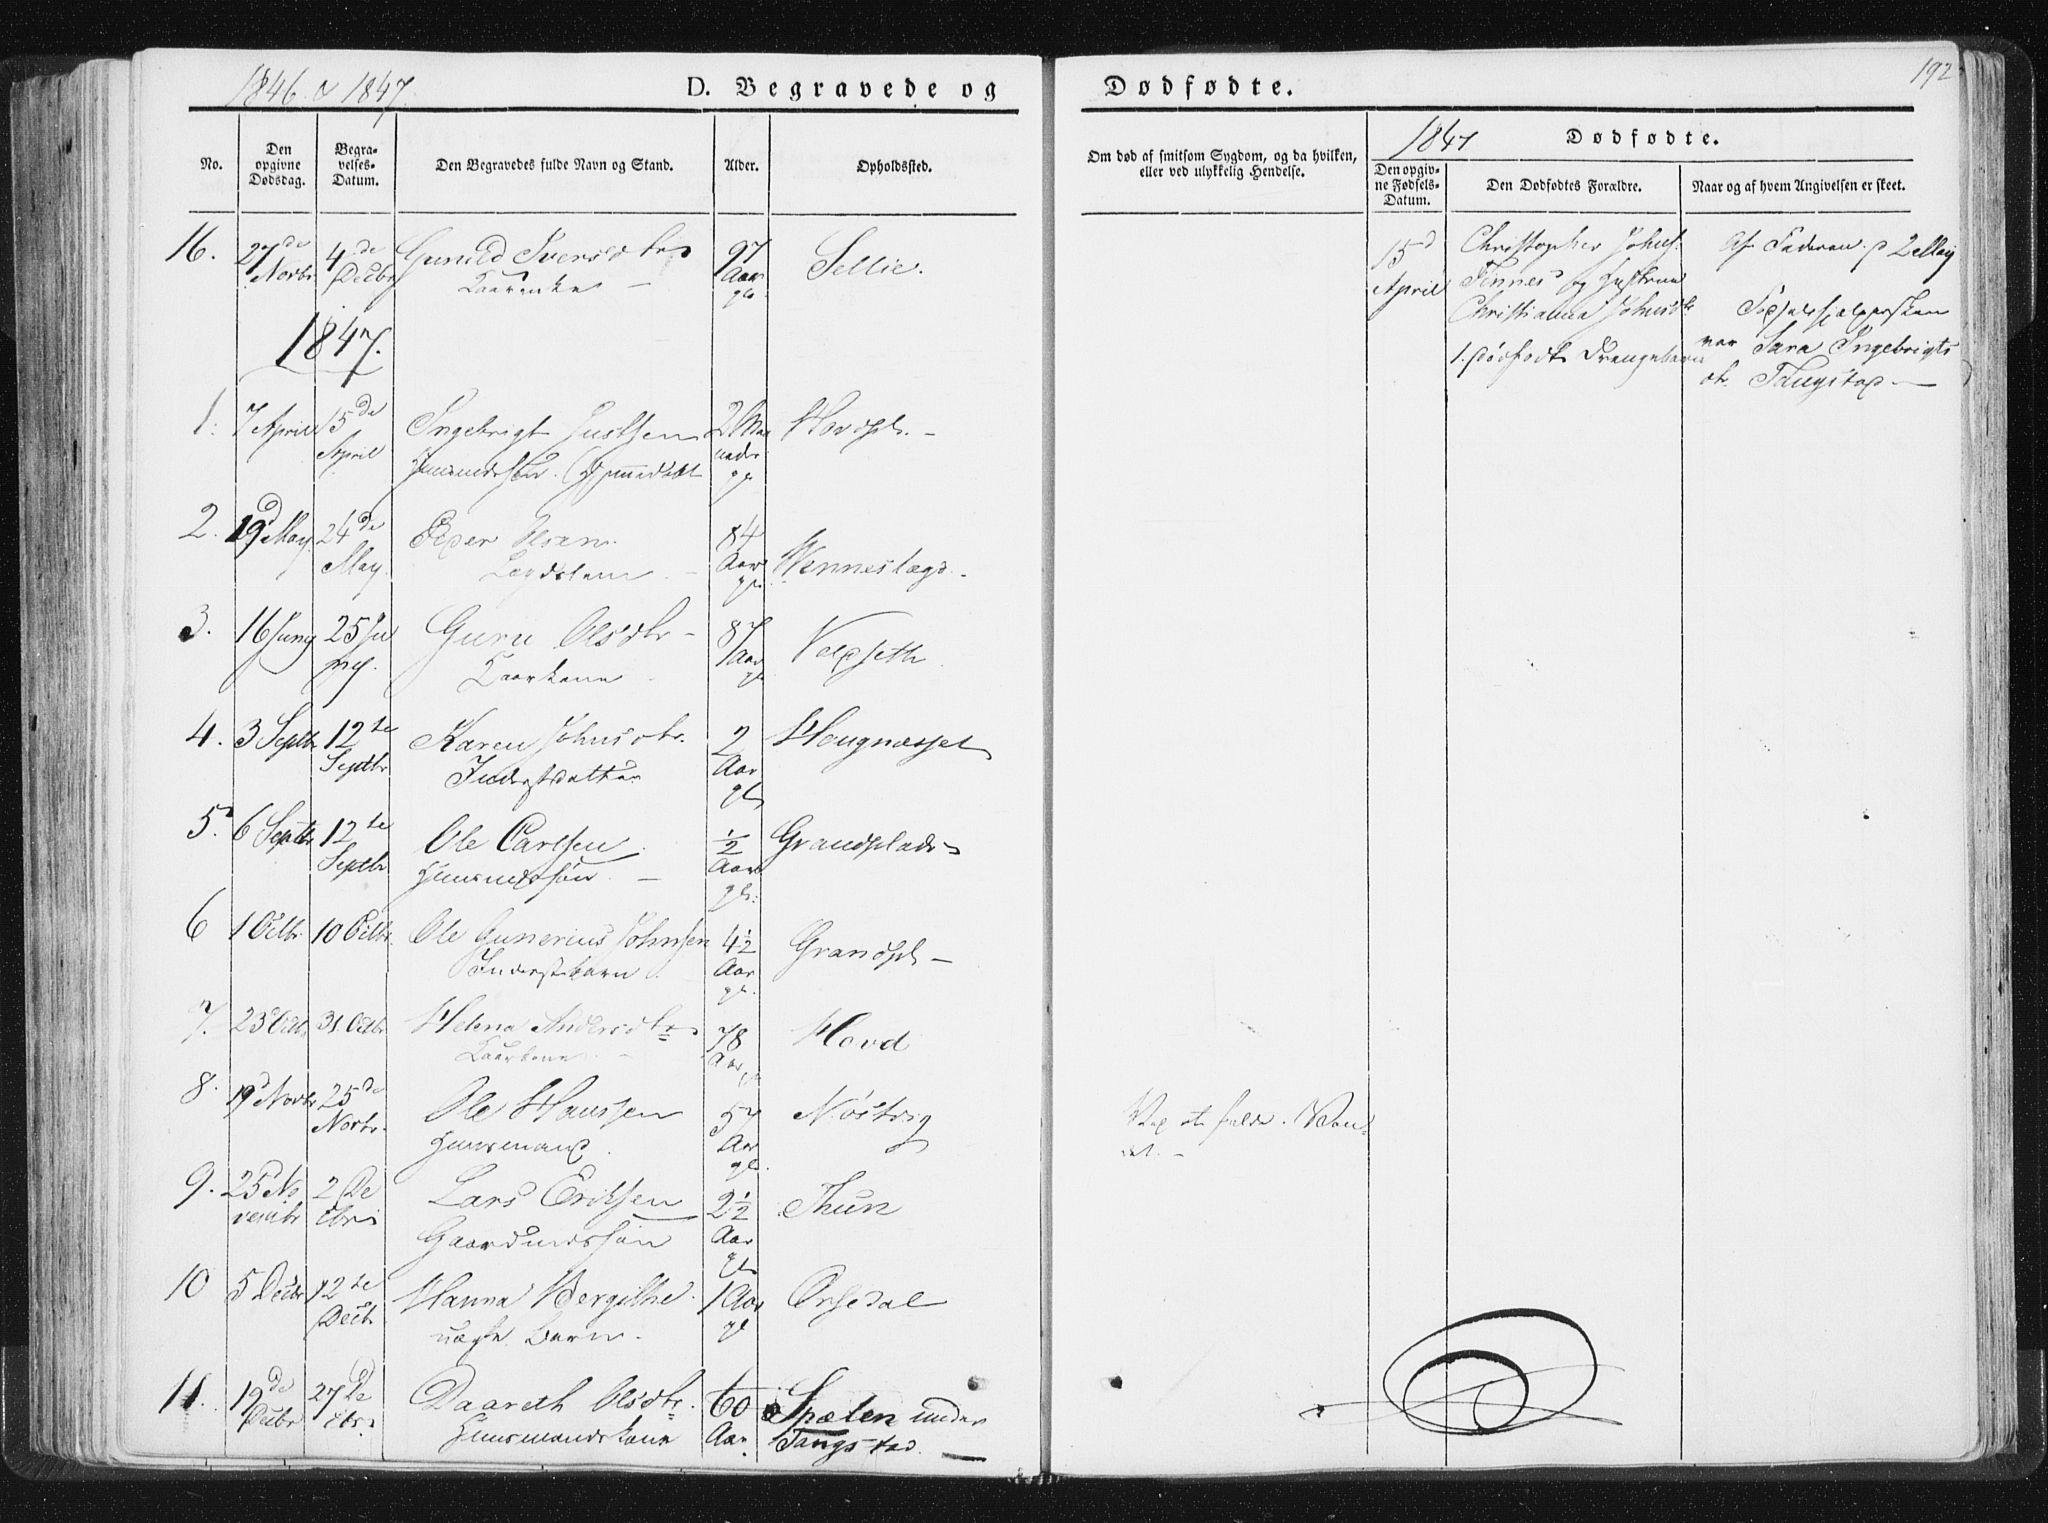 SAT, Ministerialprotokoller, klokkerbøker og fødselsregistre - Nord-Trøndelag, 744/L0418: Ministerialbok nr. 744A02, 1843-1866, s. 192